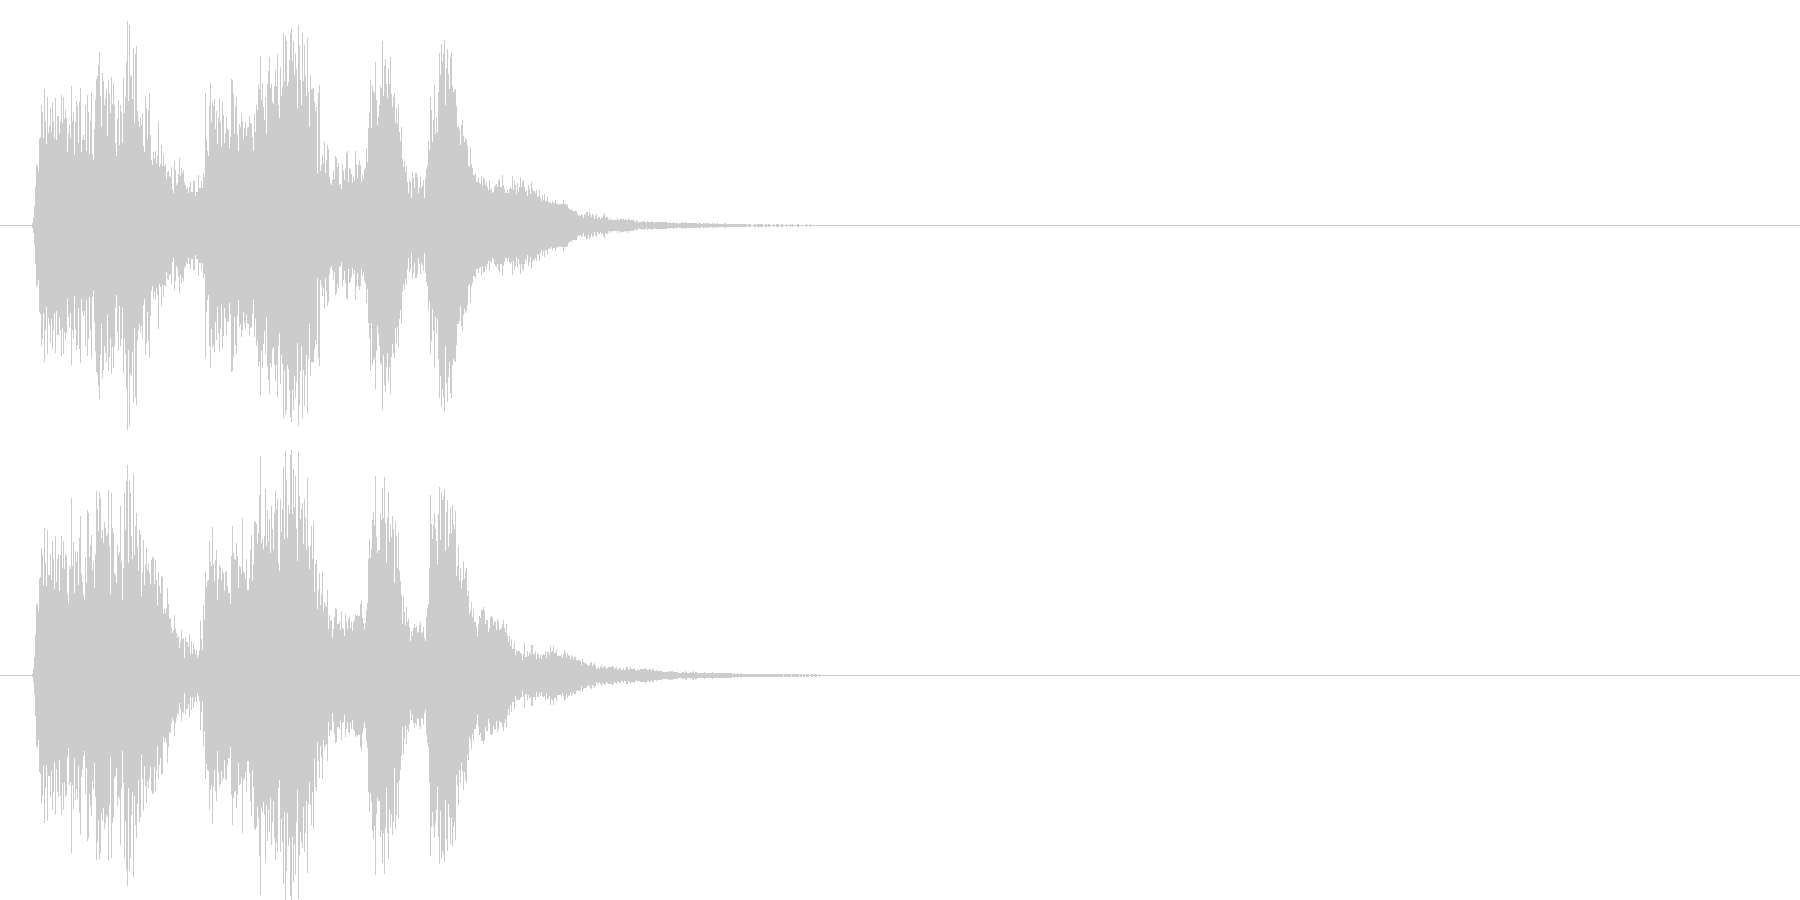 場面転換 コミカル クイズ エンディングの未再生の波形